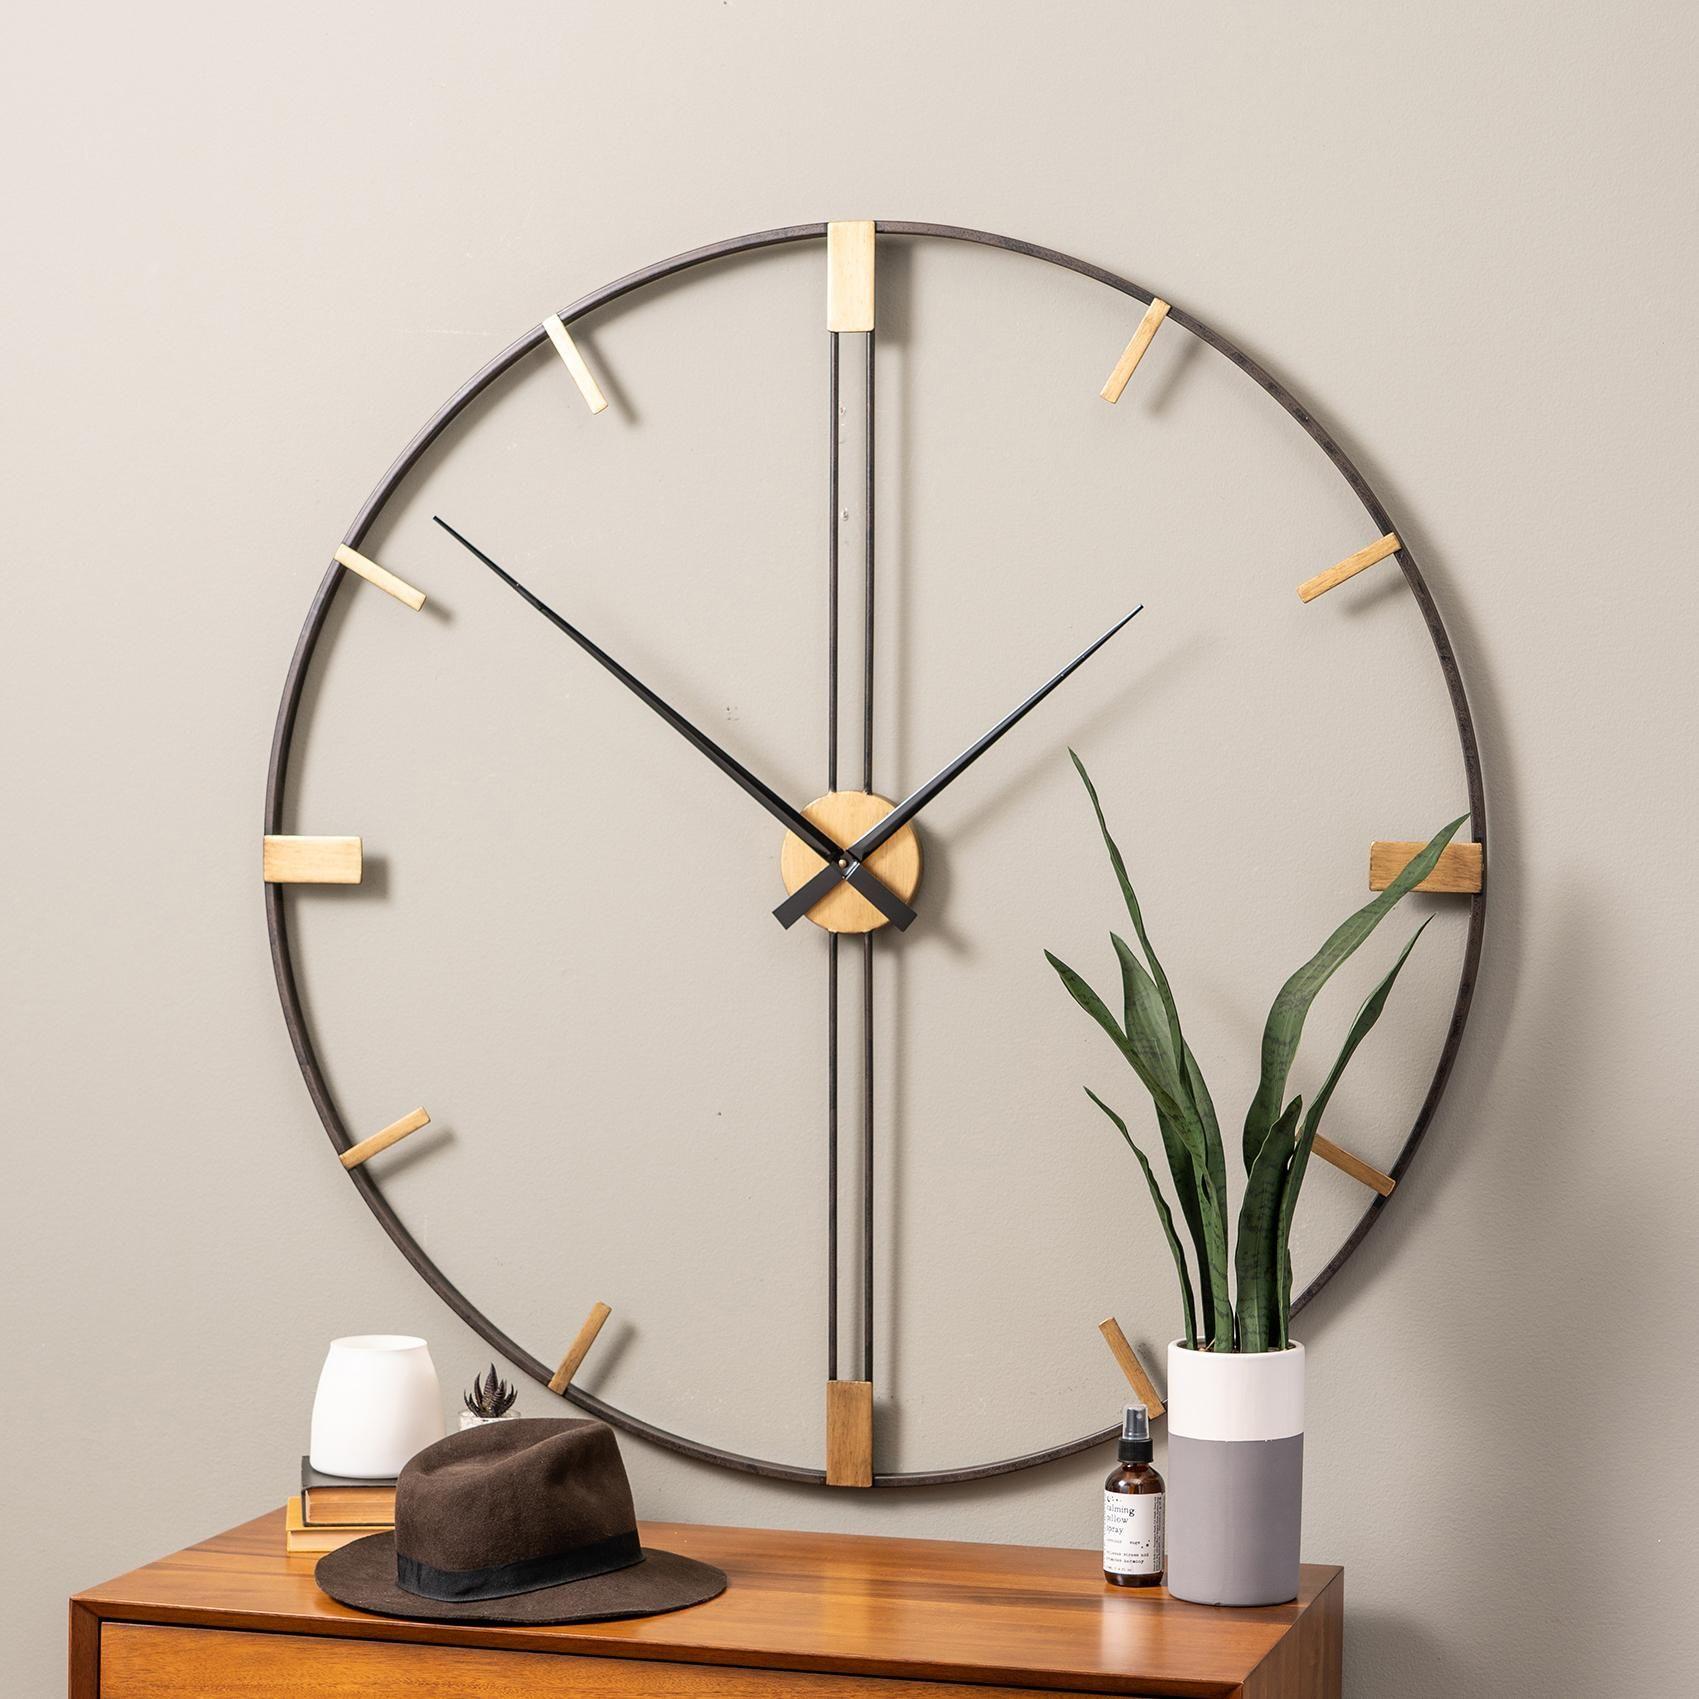 Clocks Camden 41 Wide Black And Gold Modern Open Wall Clock In 2020 Mid Century Modern Wall Clock Wall Clock Clock Wall Decor